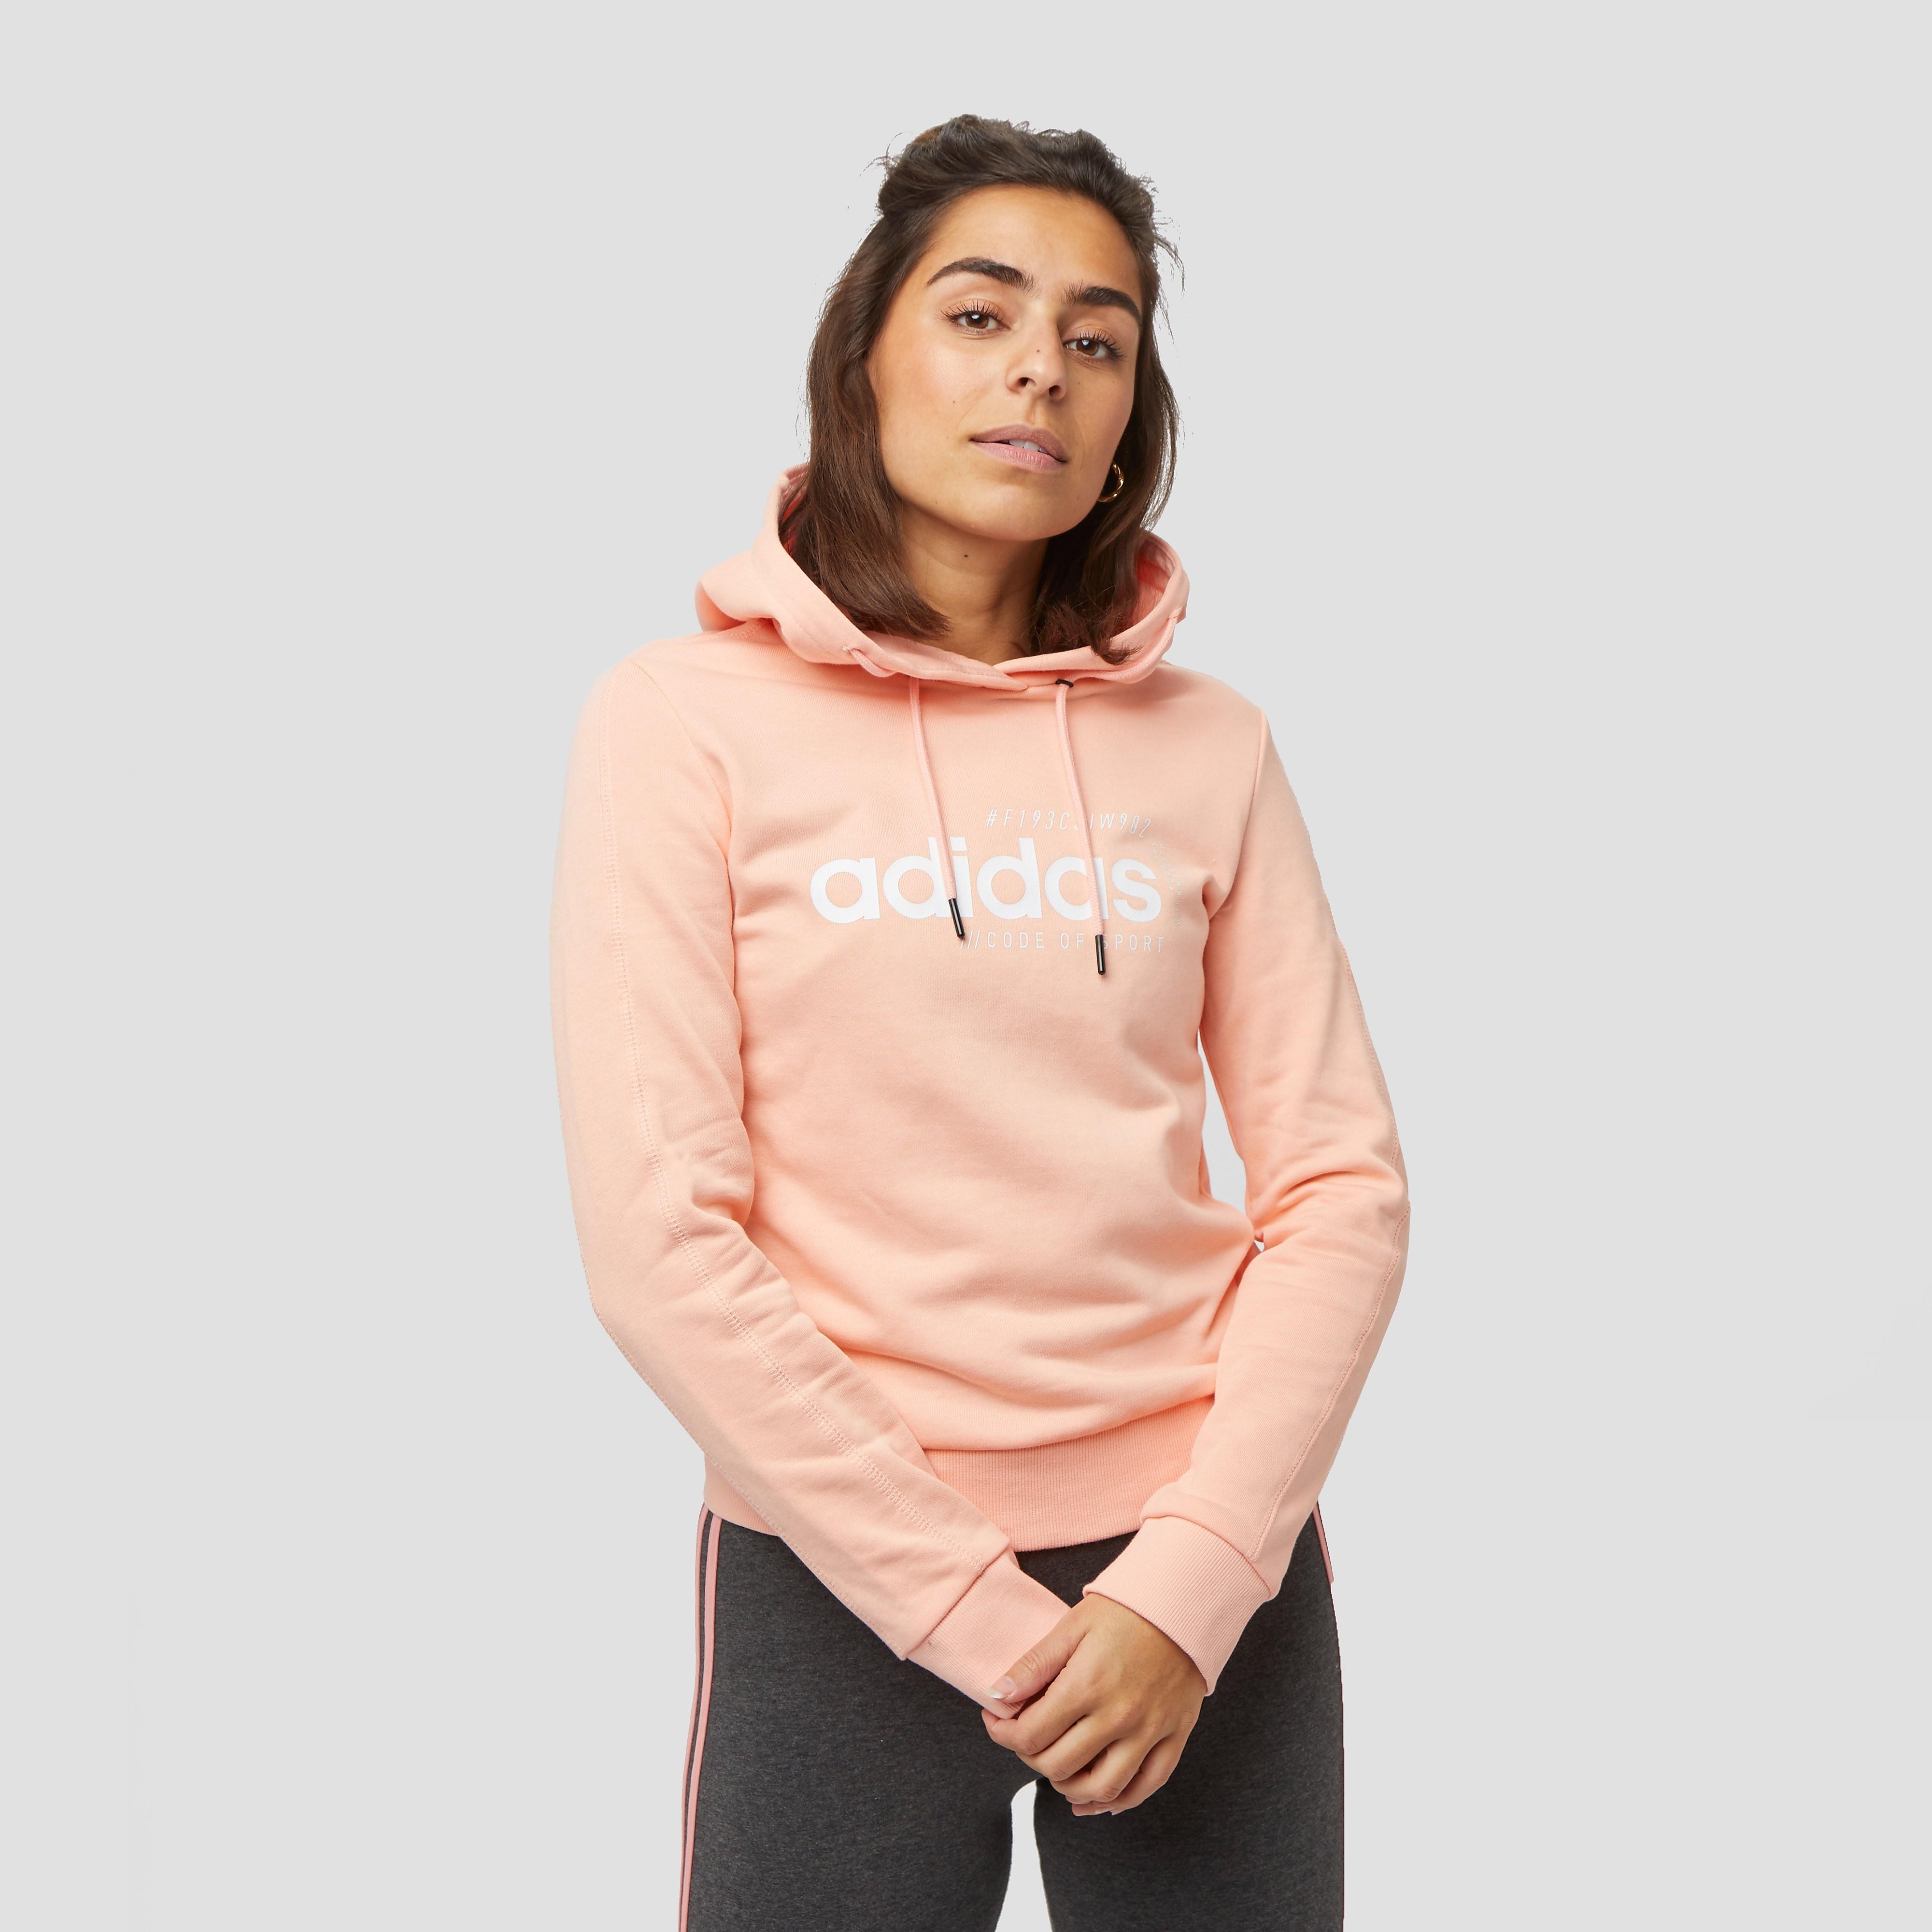 Adidas Online Truien En Vesten